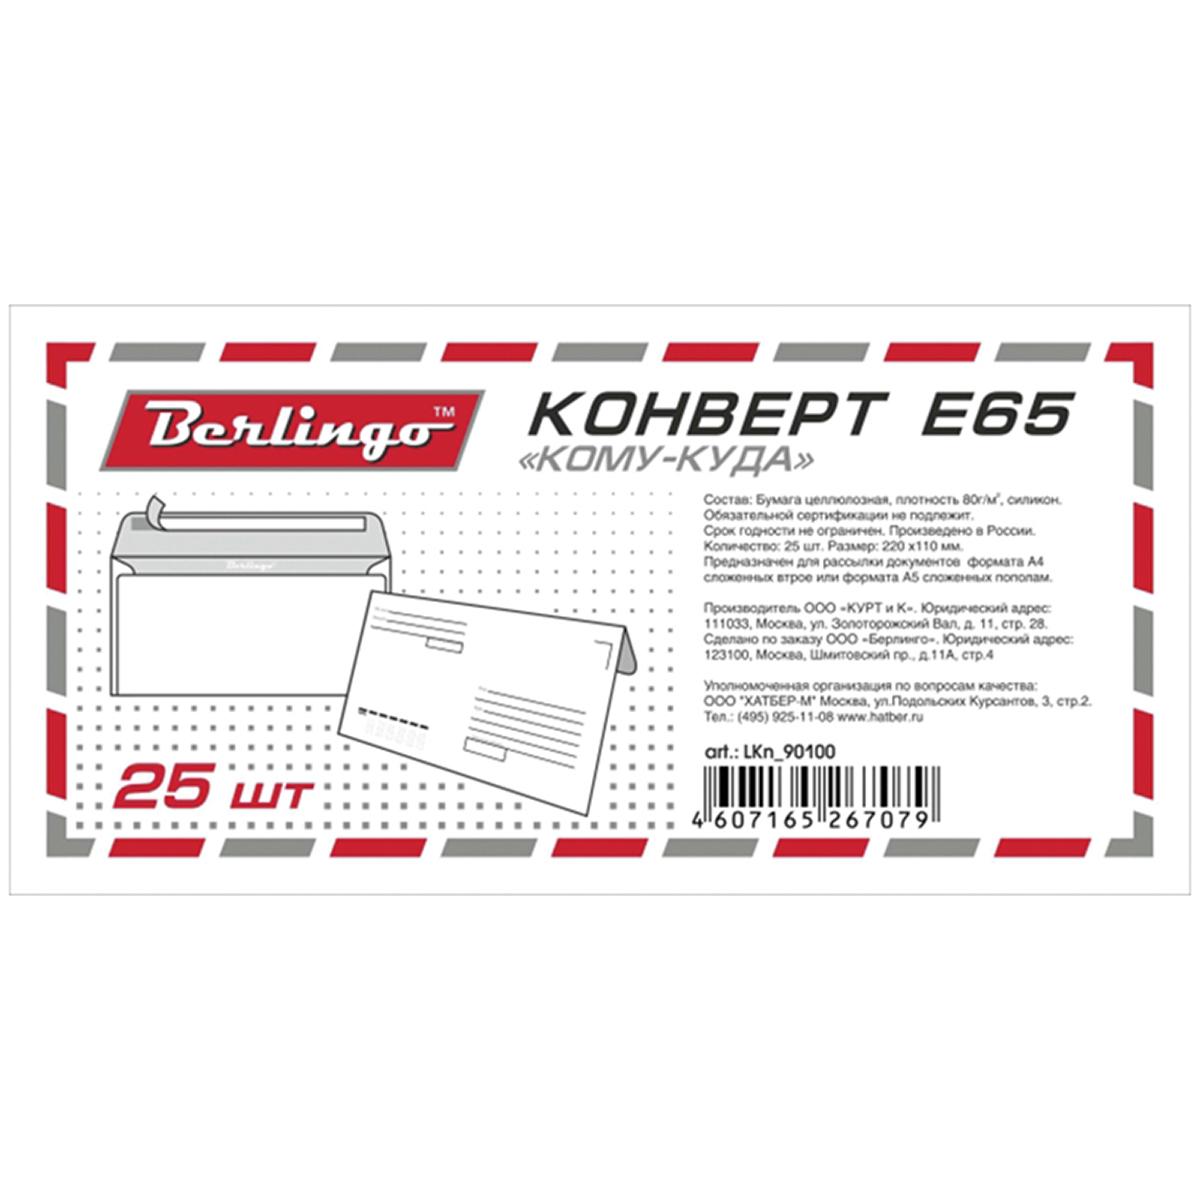 Berlingo Конверт E65 с подсказом 25 штLKn_90100Конверт Berlingo E65 выполнен в евроформате размером 110 х 220 мм без окна, с подсказом и с внутренней запечаткой. Предназначен для вложения листов формата А4, сложенных вчетверо или А5, сложенных вдвое. Клапан конверта крепится с помощью отрывной силиконовой ленты.